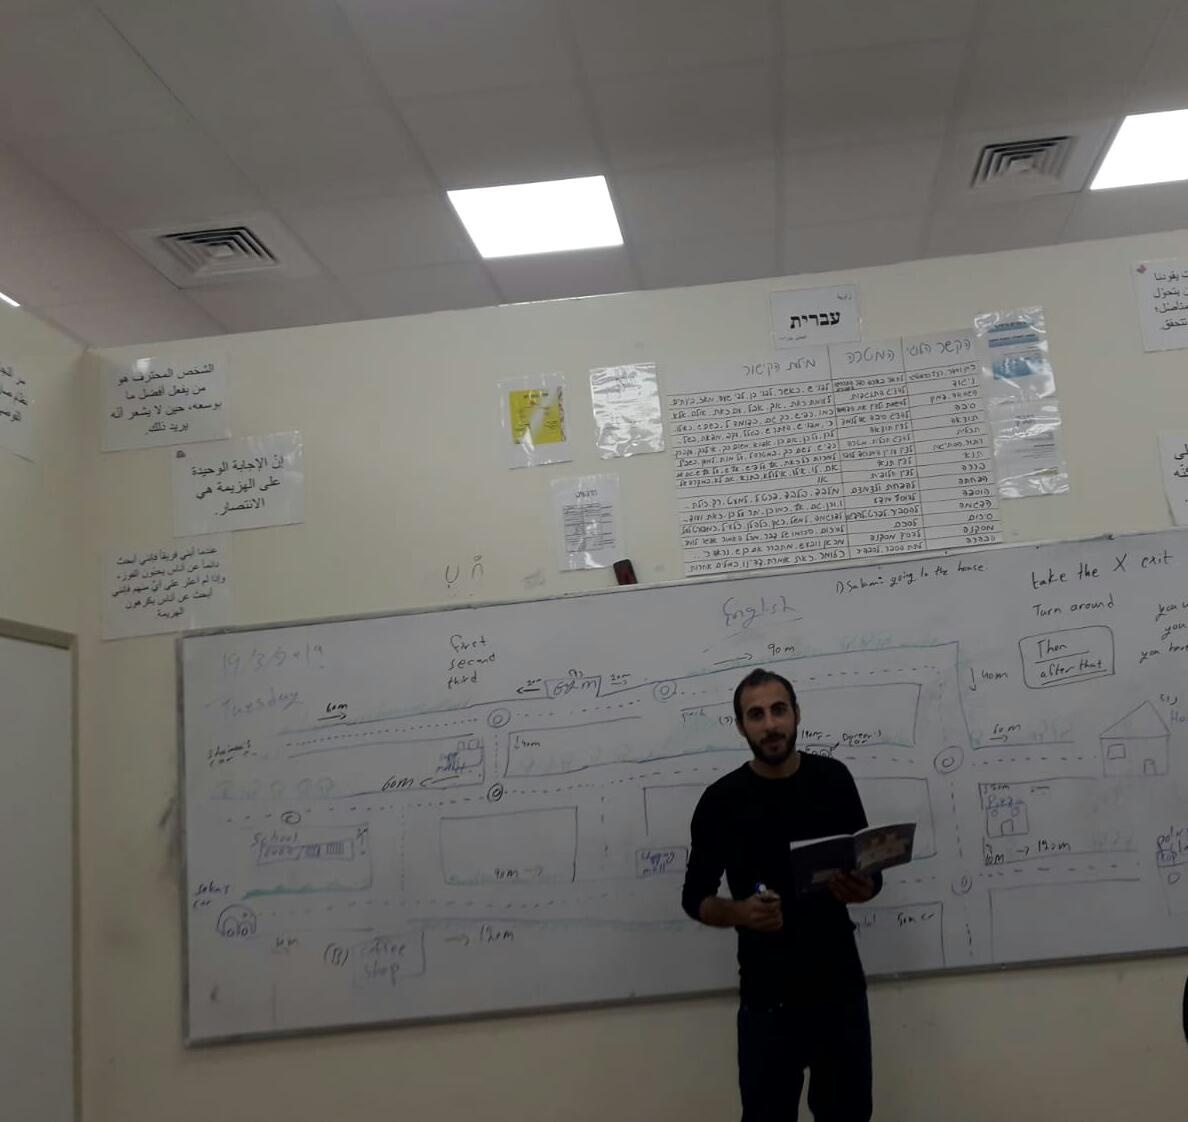 الى استاذي-اعداد : سلام محمود صبيح